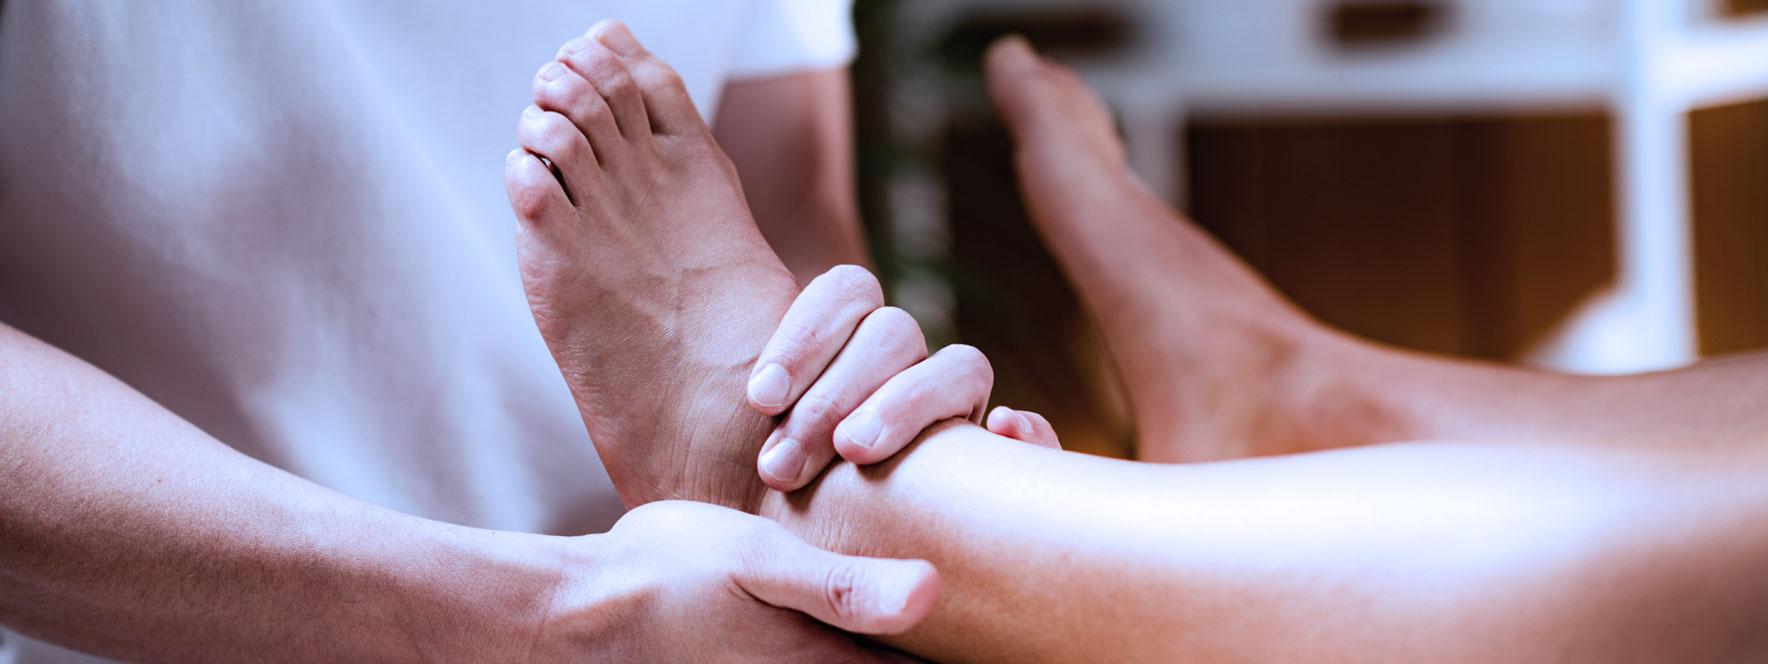 Massage de la cheville - Blogue du Réseau